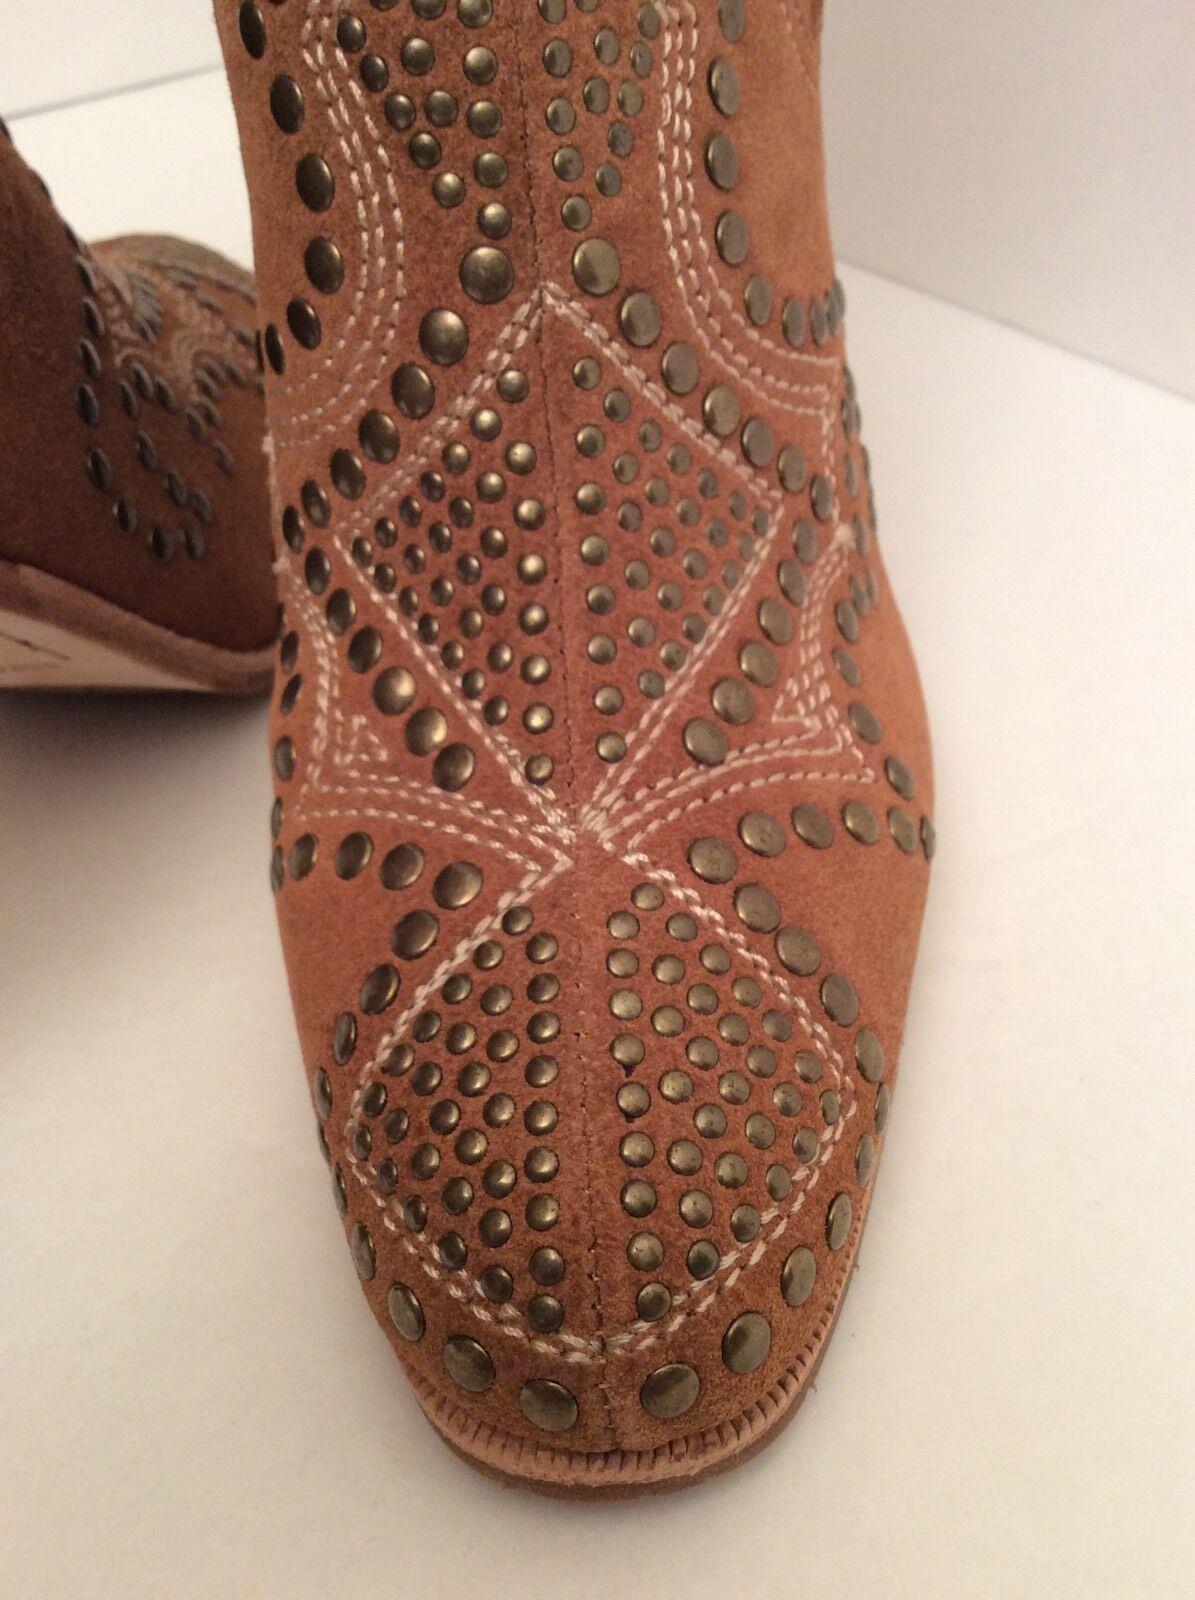 Donald J Pliner Olivia Saddle color Suede Suede Suede Boots Size 7M NEW 4e229e